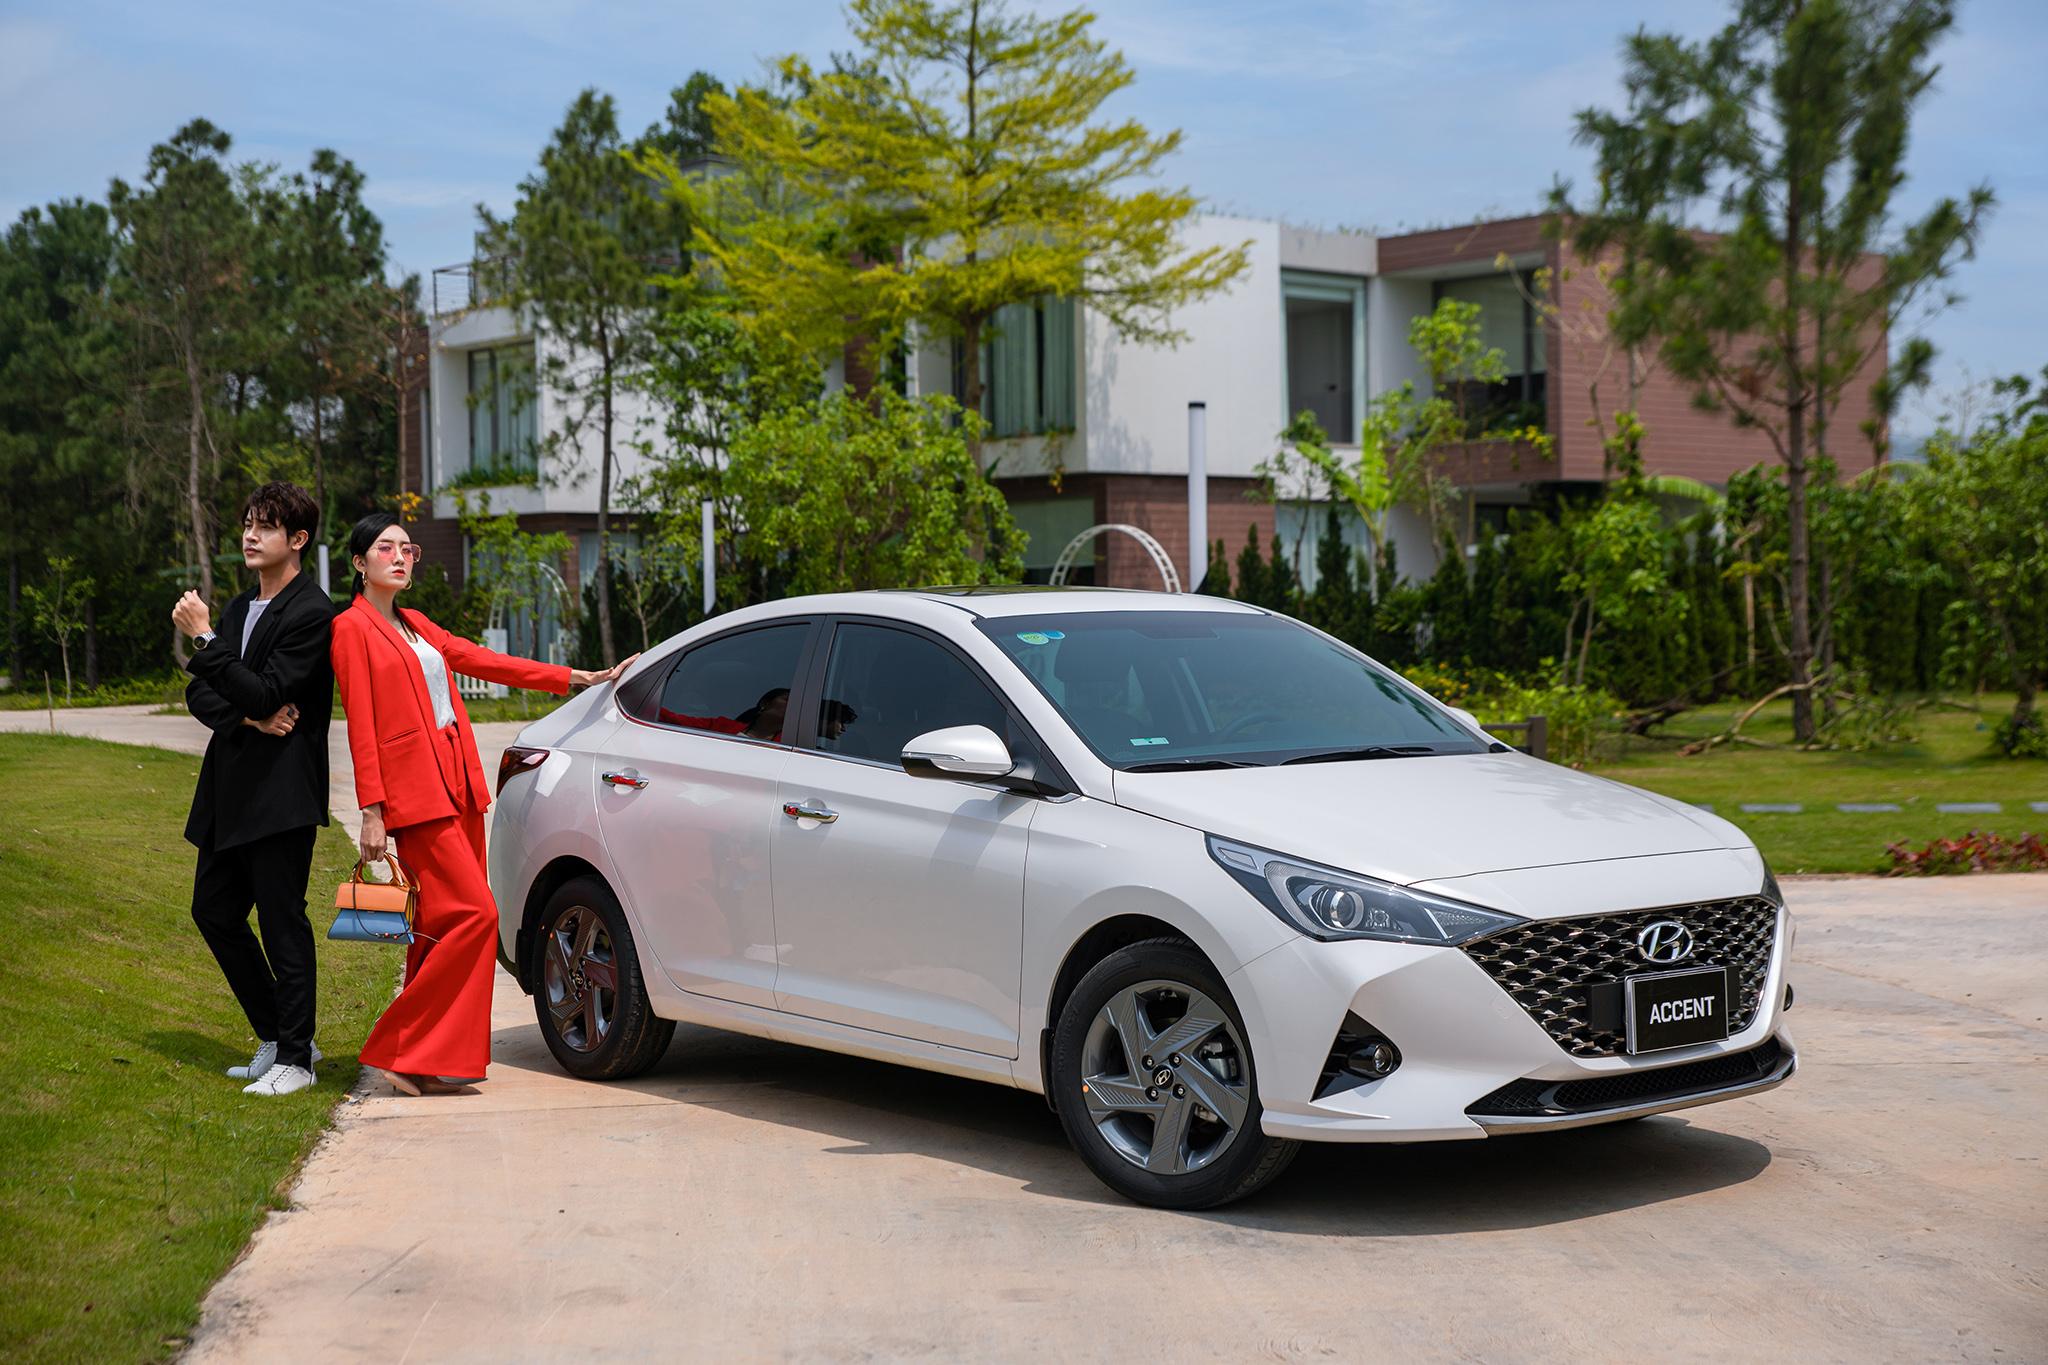 """Hyundai Accent vẫn cực """"ăn khách"""", doanh số tháng 4 bao nhiêu xe? - Ảnh 1."""